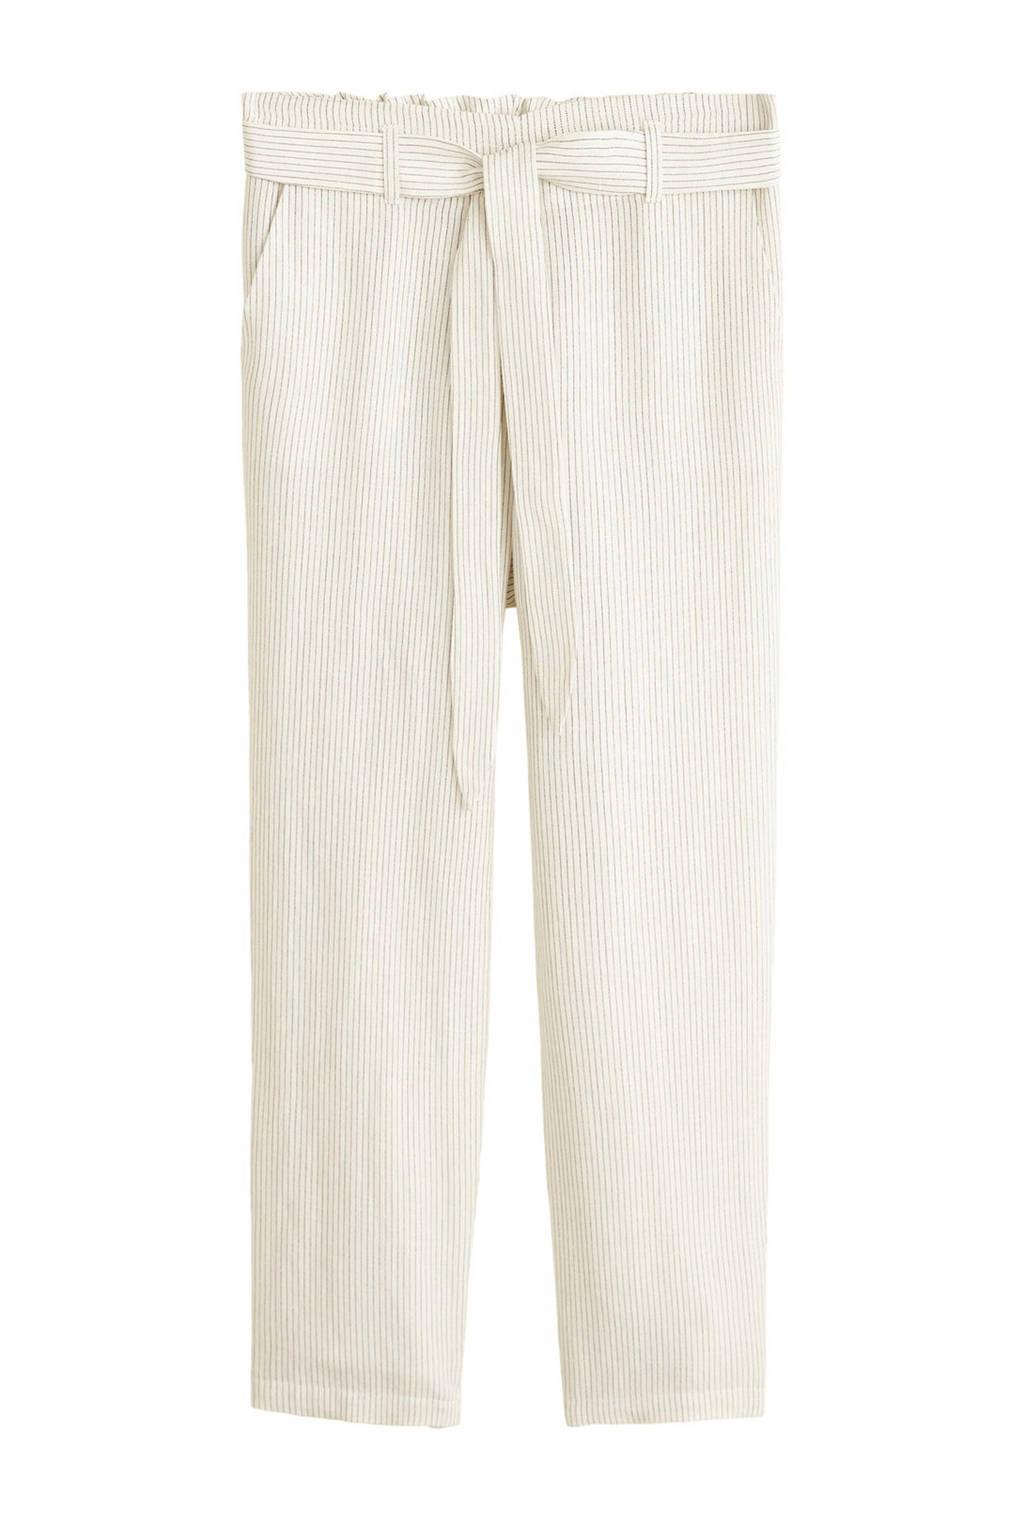 Mango gestreepte cropped regular fit broek met linnen beige/wit, Beige/wit